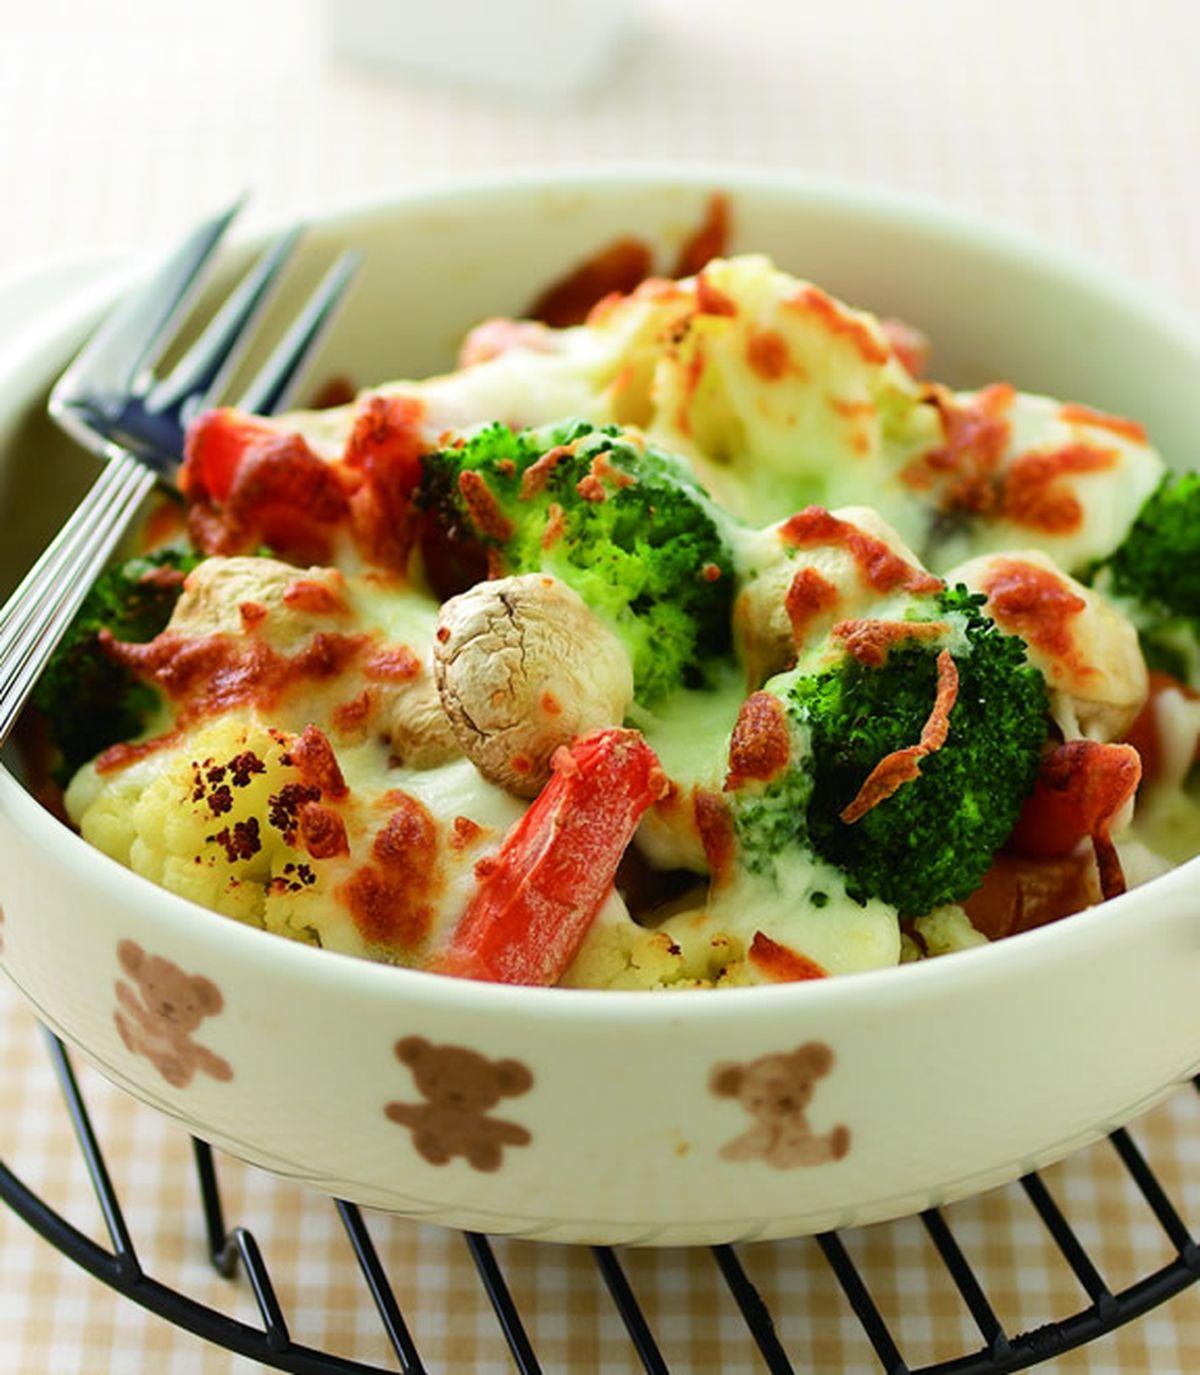 食譜:焗烤綜合鮮蔬